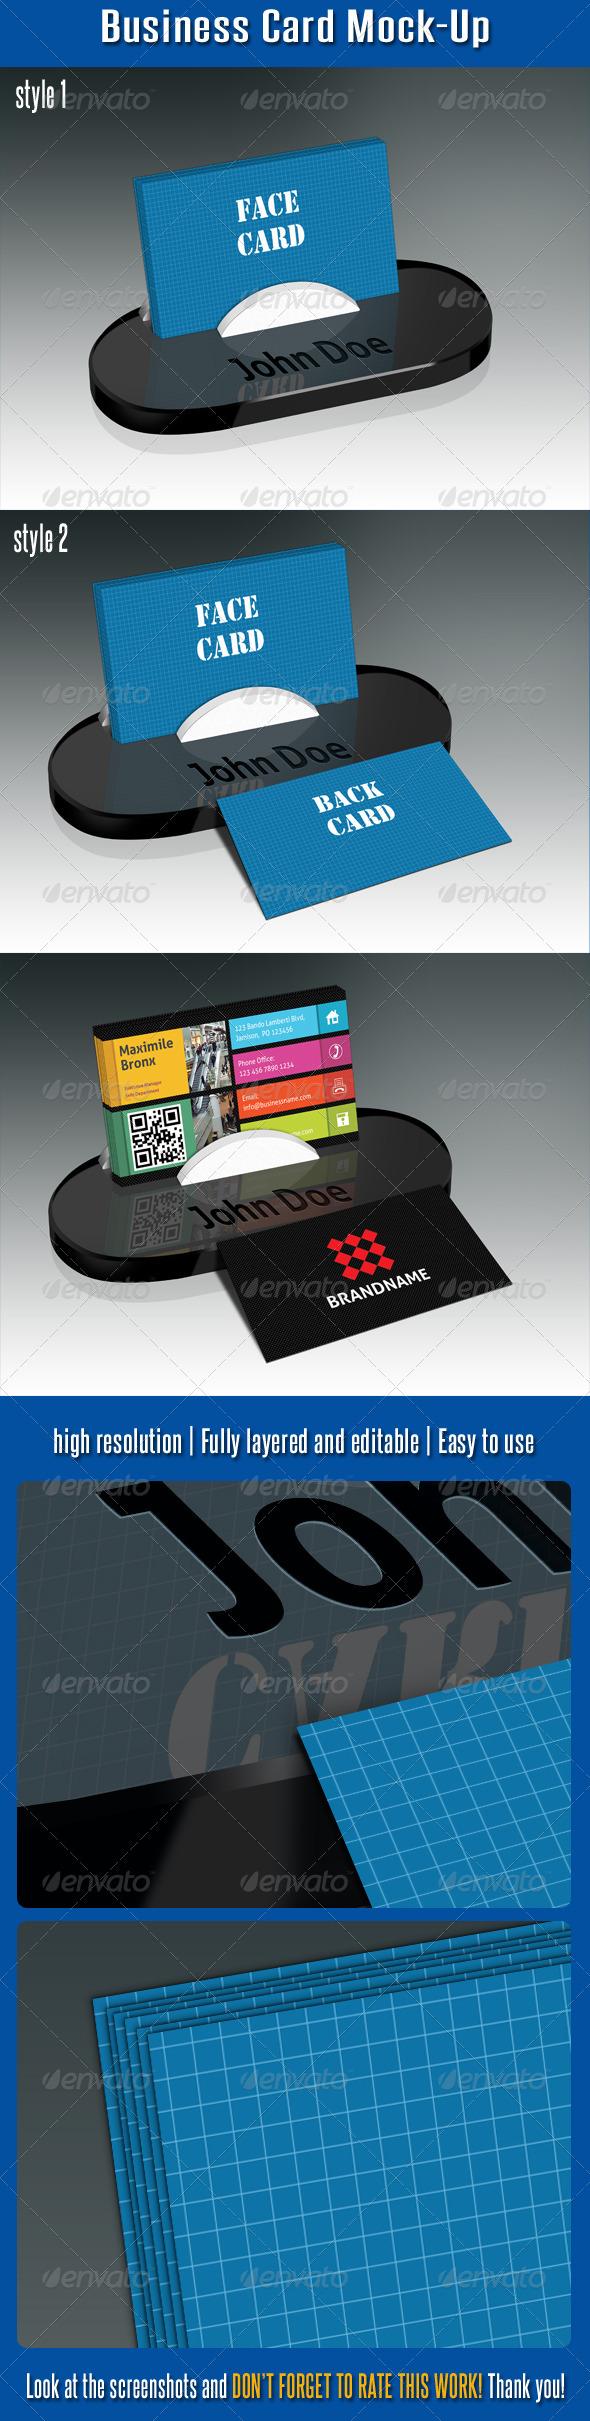 Business Card Mock-Up V02